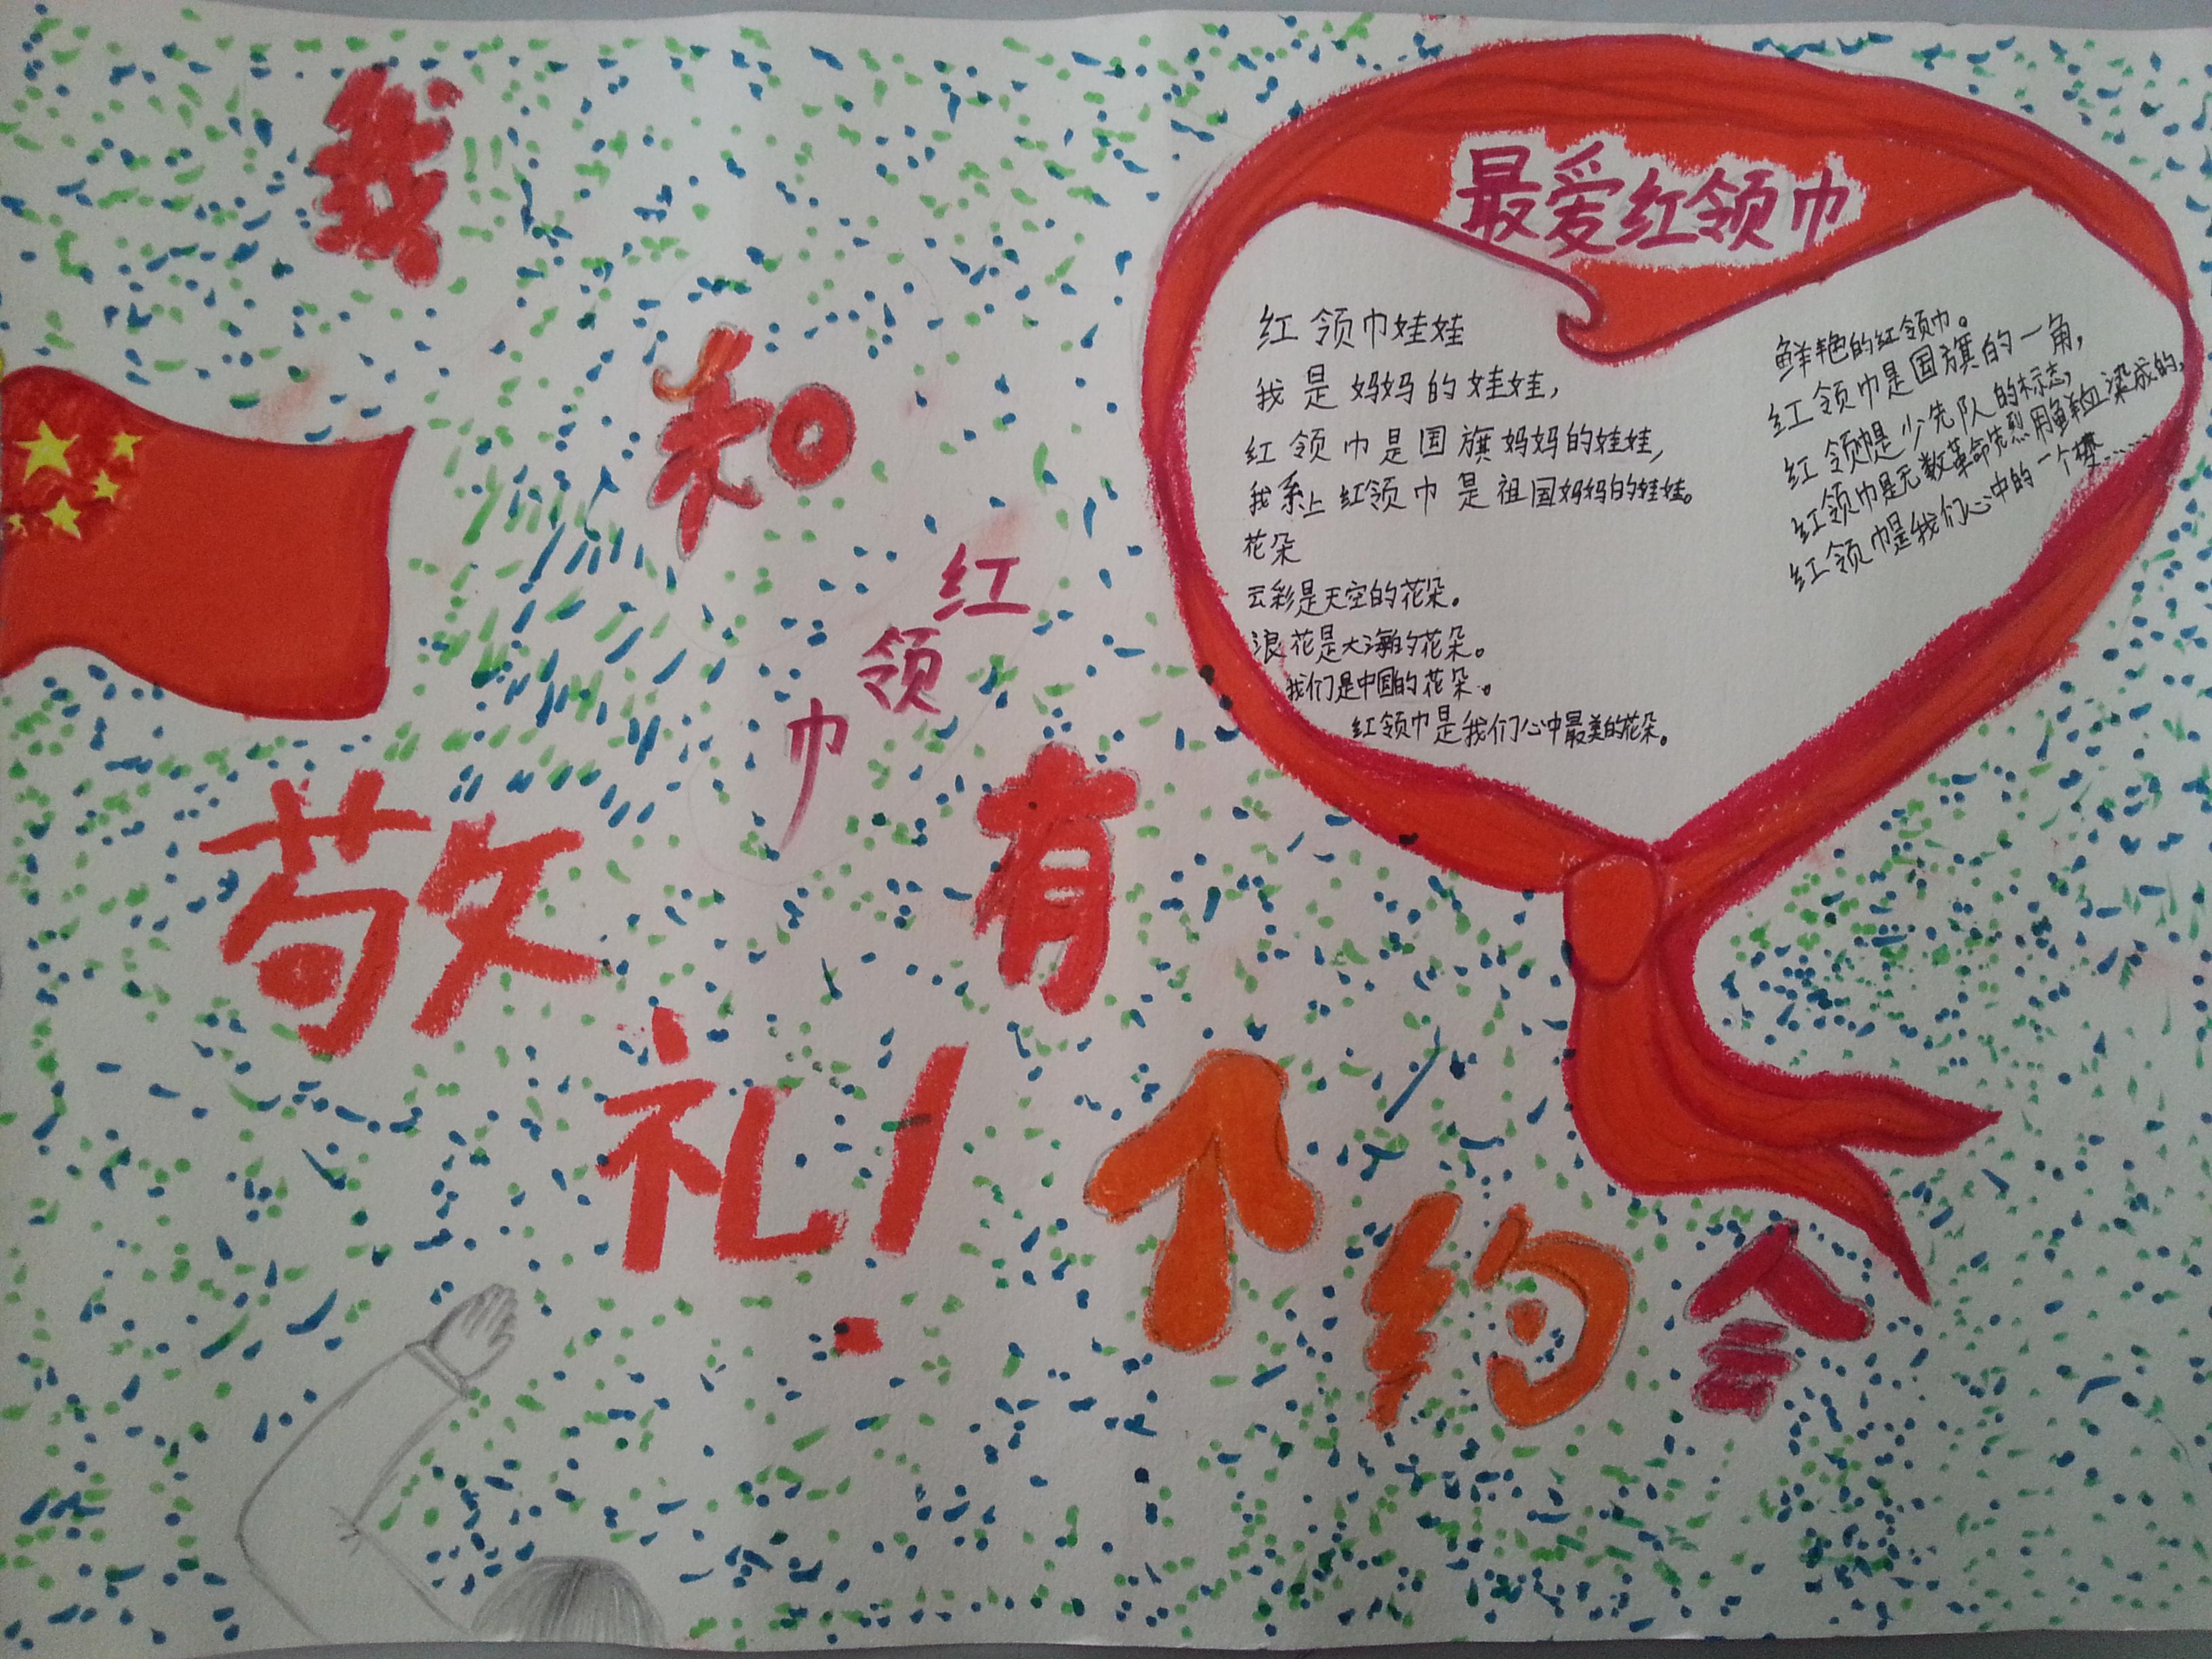 少先队建队节手抄报 - 红领巾相约中国梦动态上传